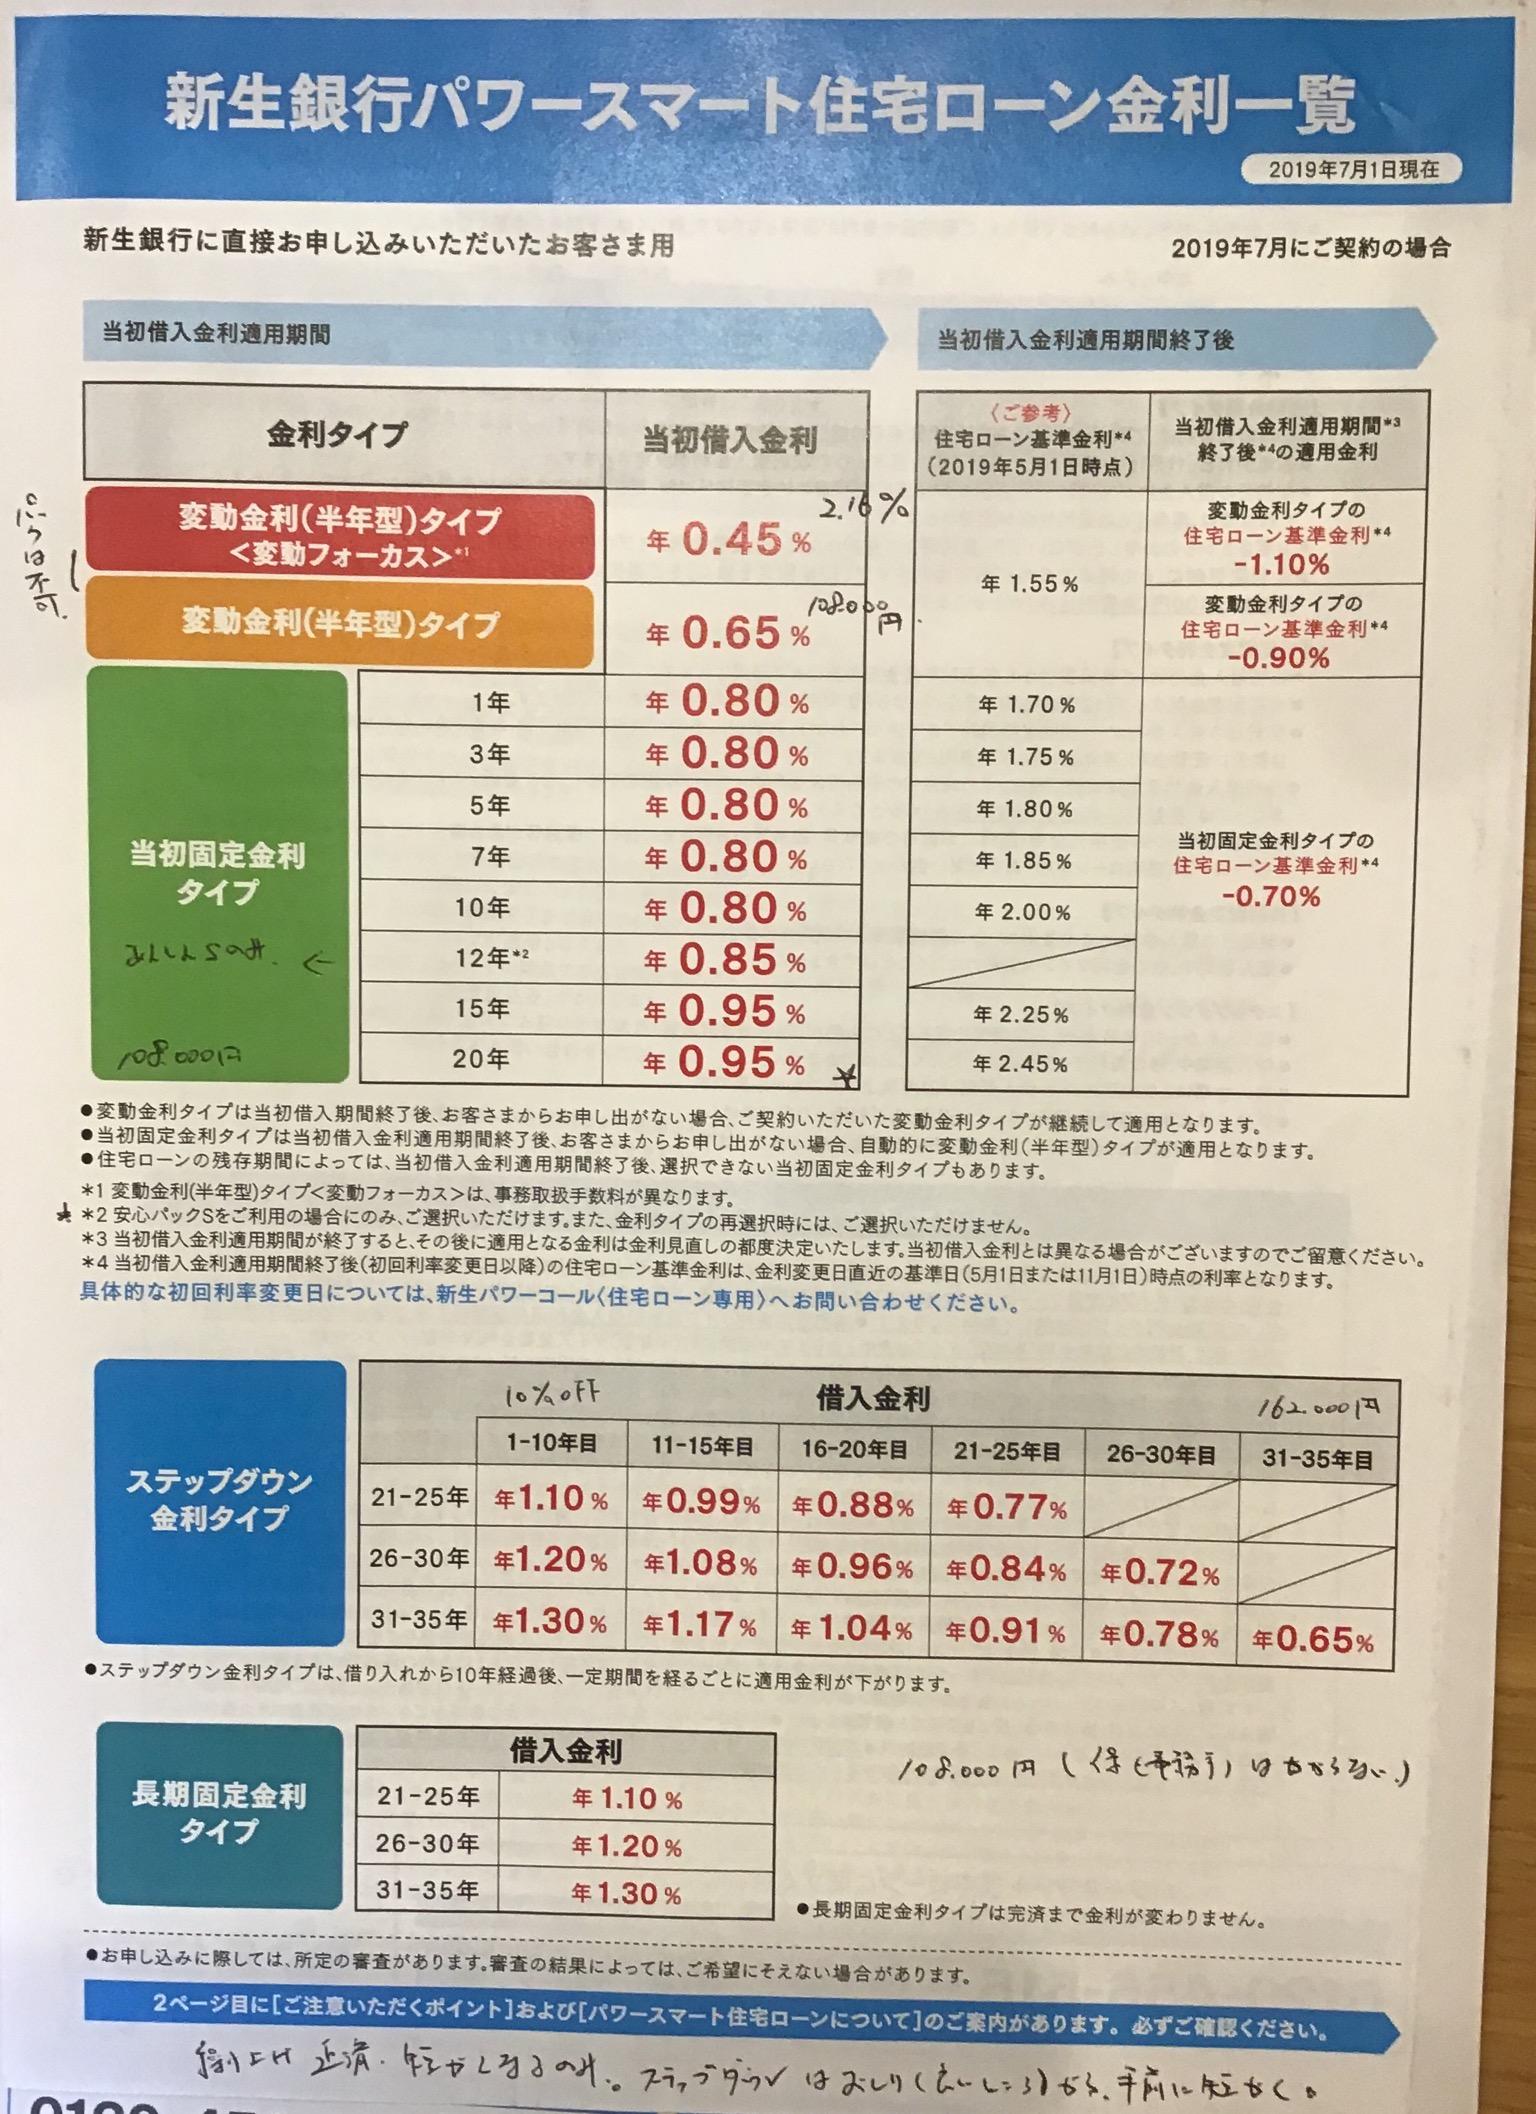 699B9BC5-F05A-4347-9059-B74329614743